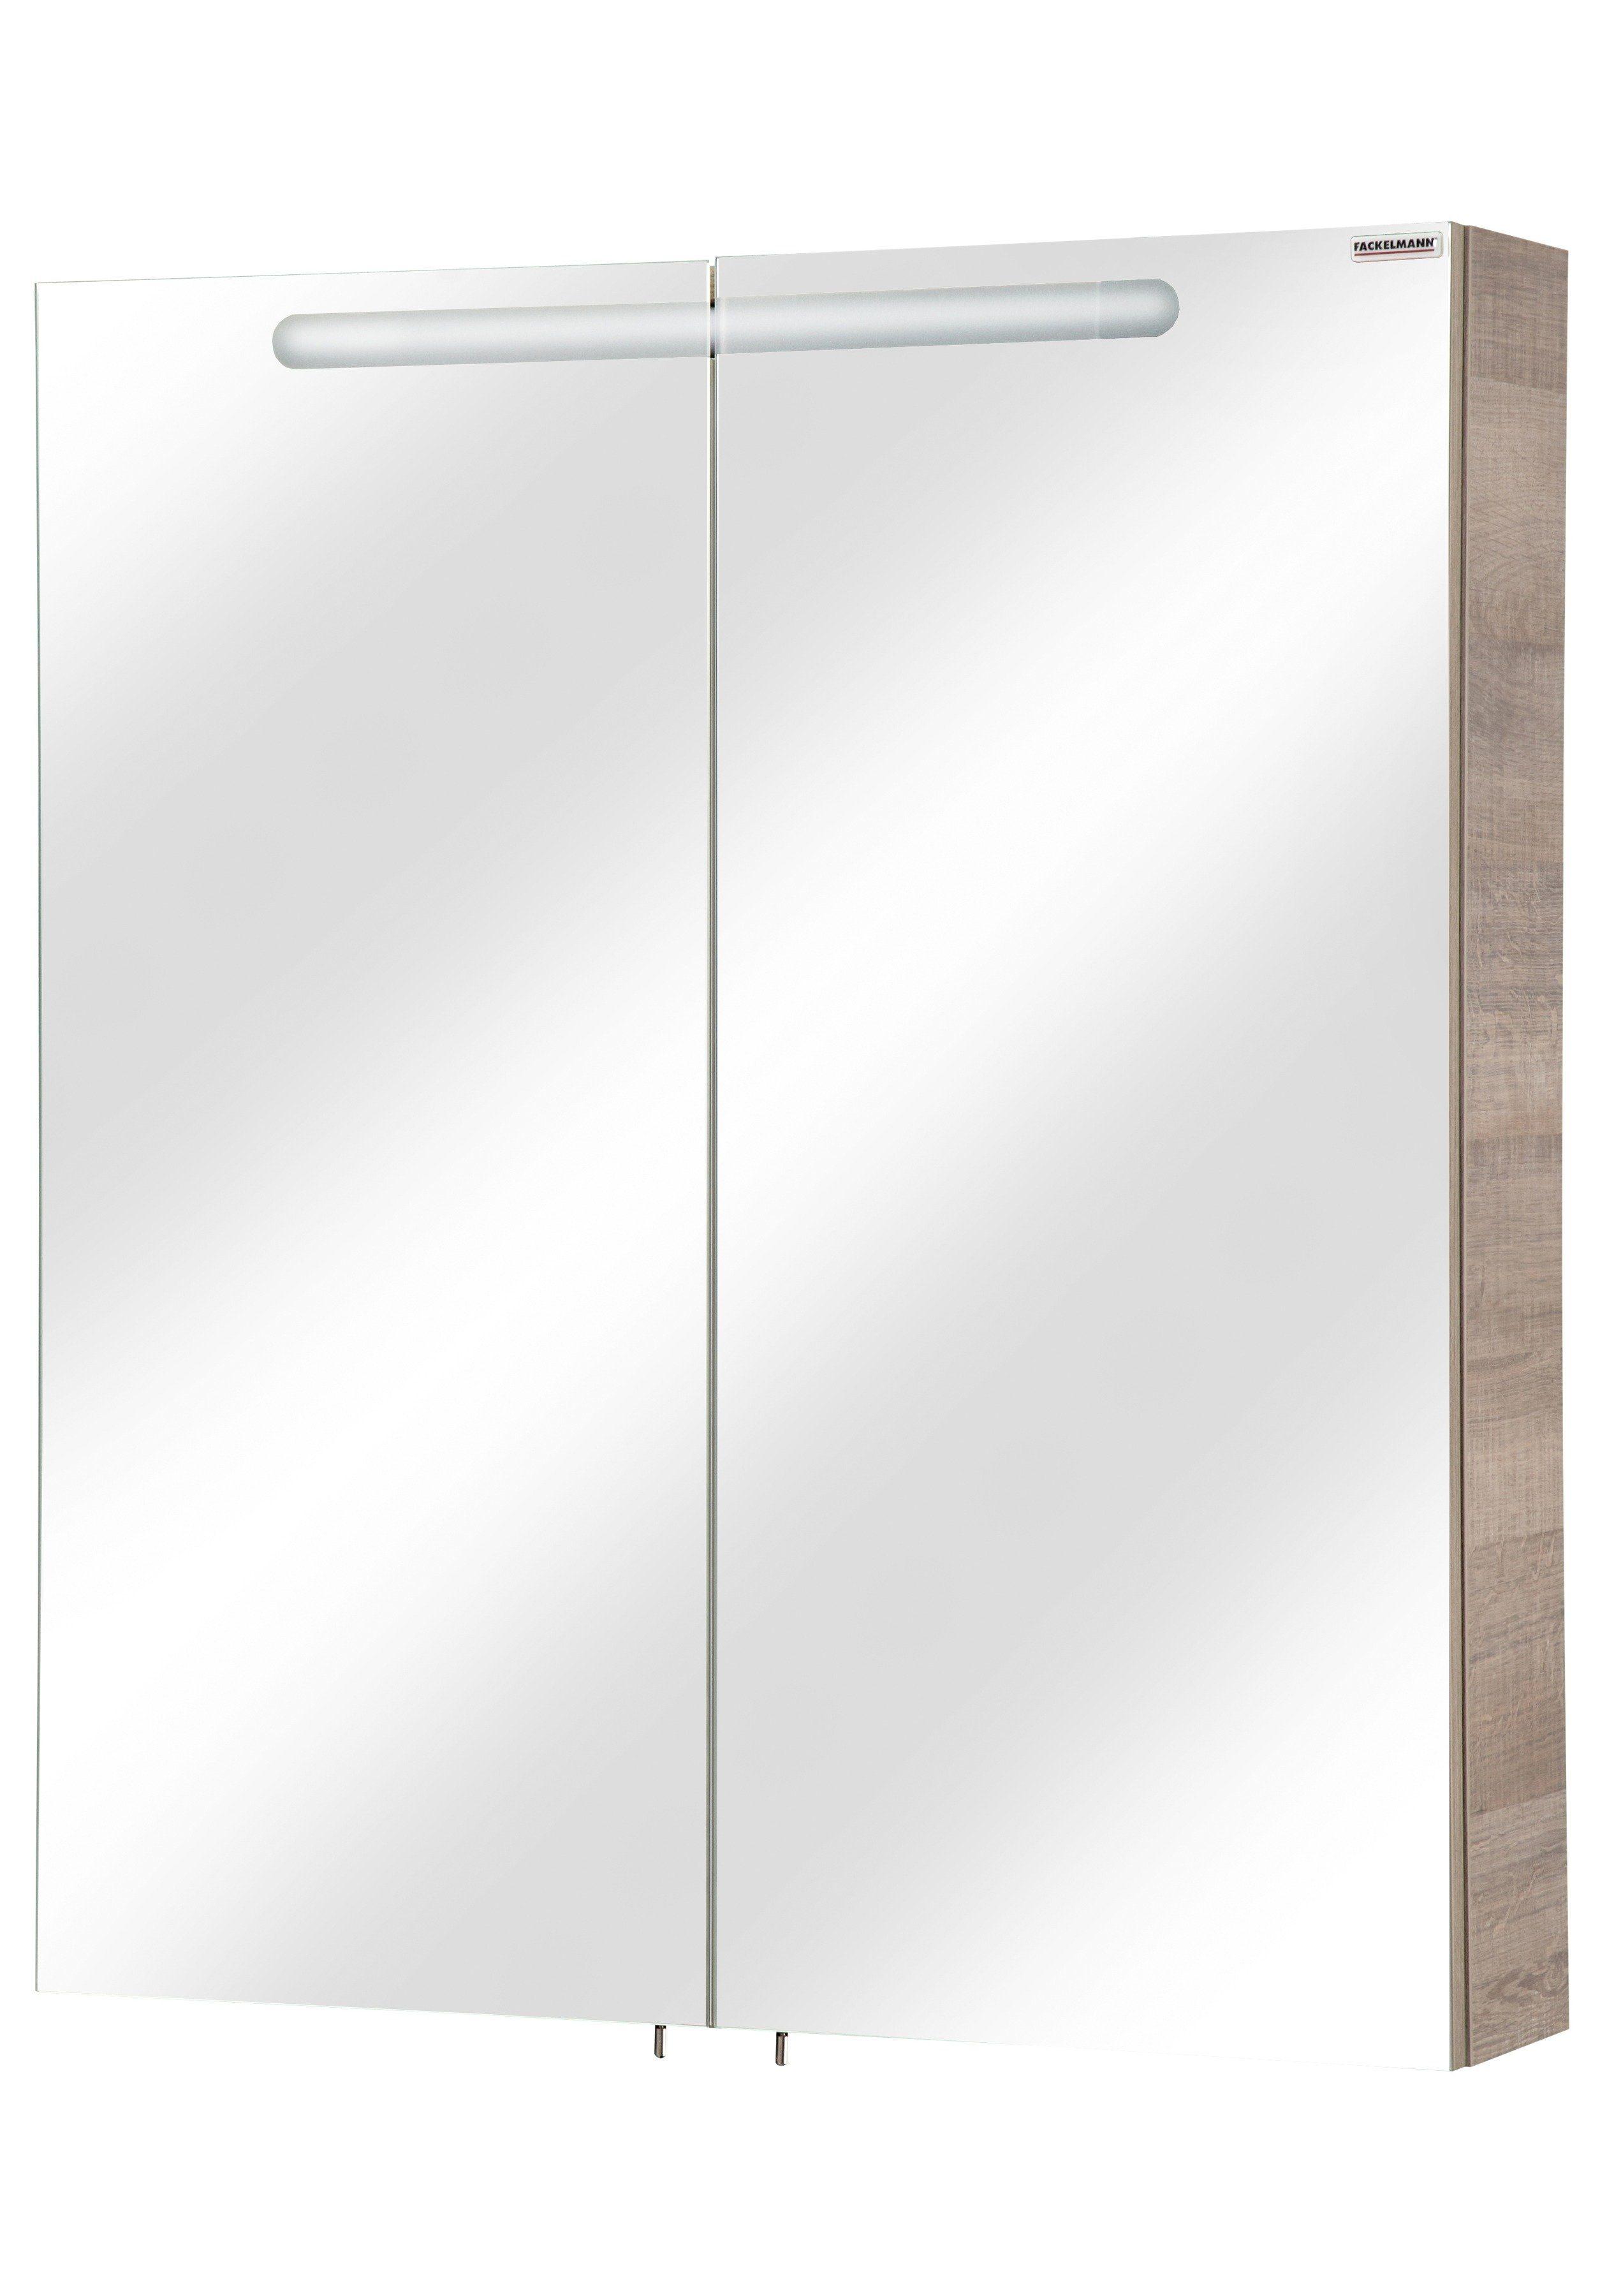 Fackelmann Spiegelschrank »A-Vero« Breite 70 cm, mit Beleuchtung